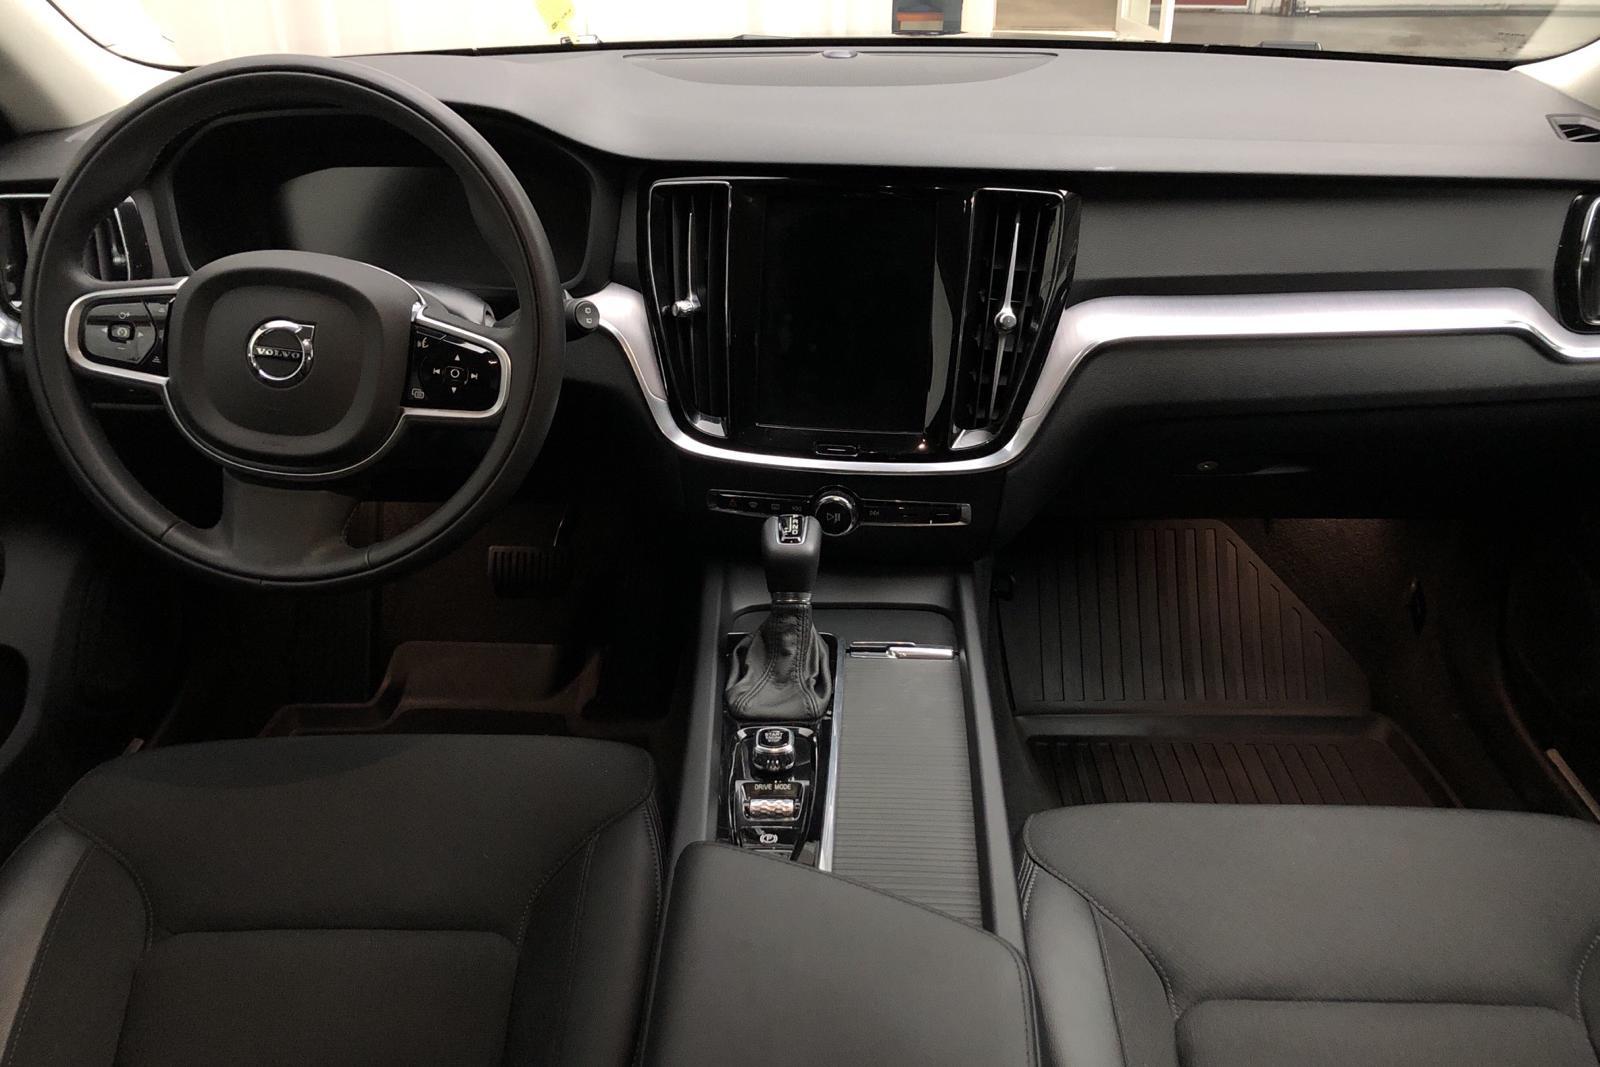 Volvo V60 D4 (190hk) - 1 940 mil - Automat - svart - 2020